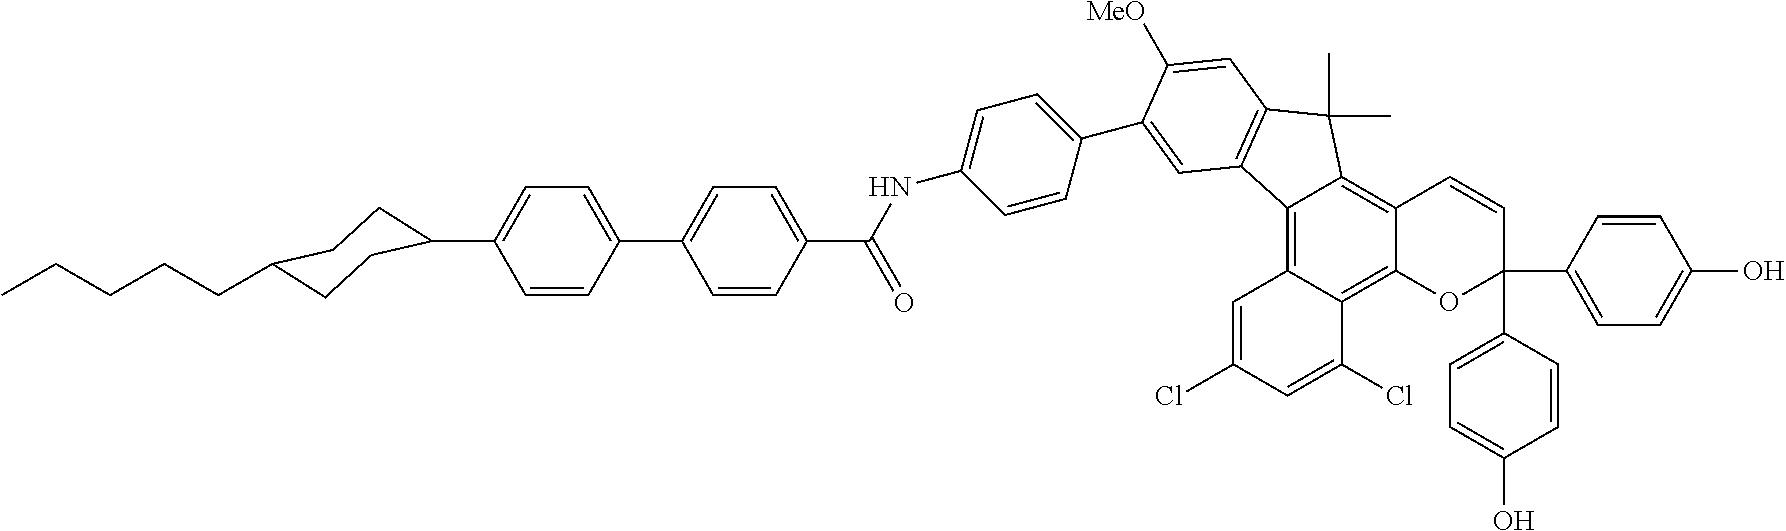 Figure US08545984-20131001-C00045